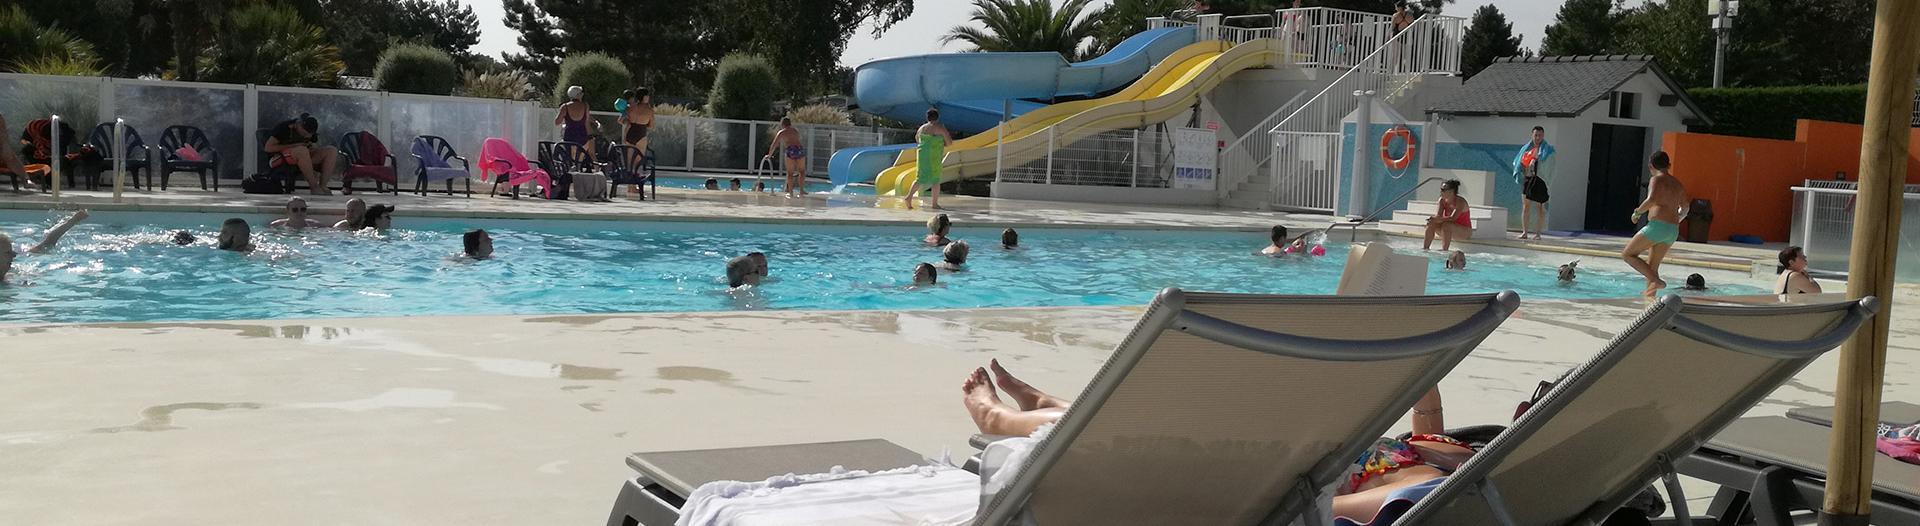 camping-jardins-de-kergal-piscine-bain-de-soleil-slider